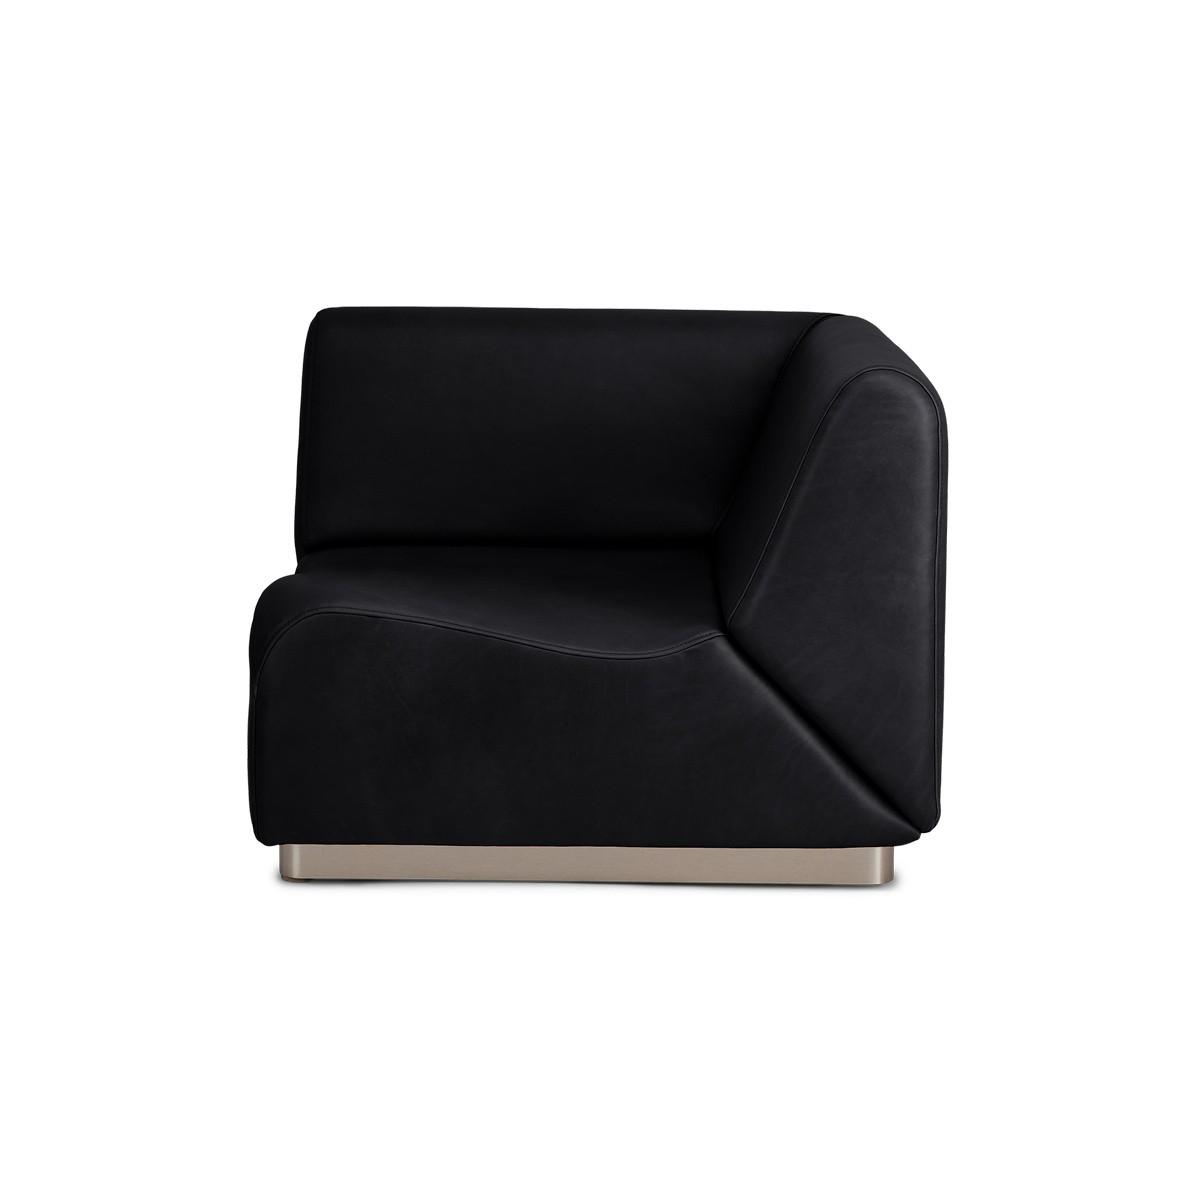 Rotondo Corner Module in Black Leather